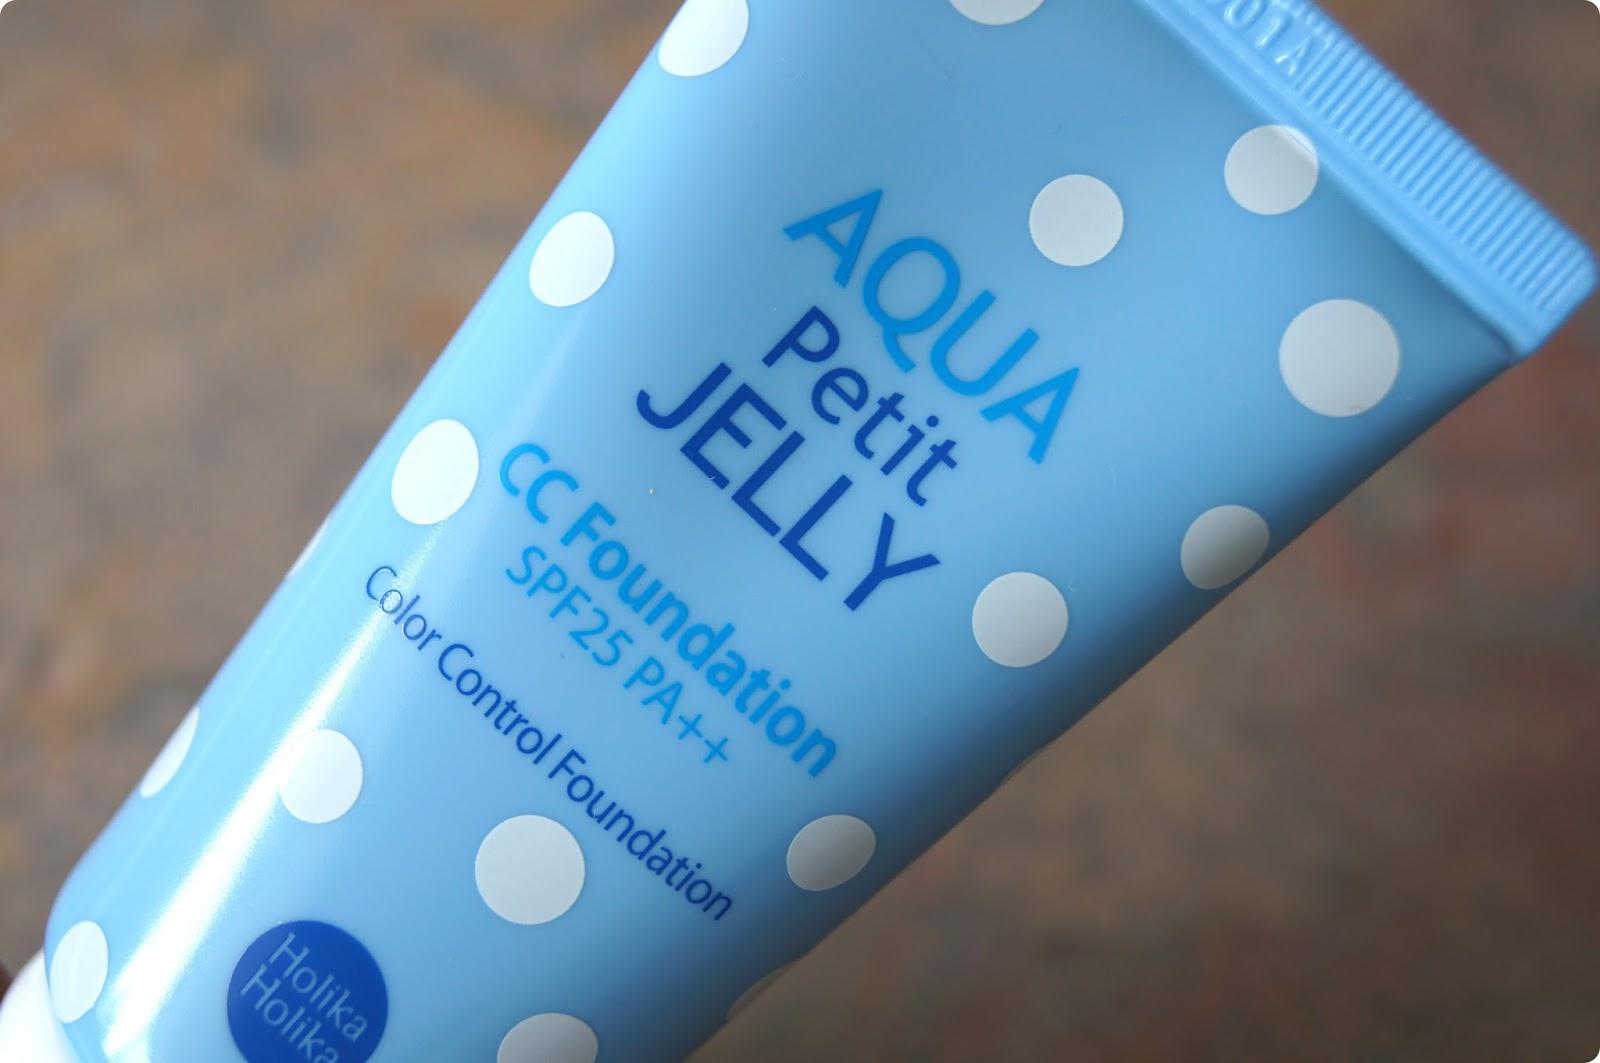 Aqua Petit Jelly BB Cream by holika holika #13